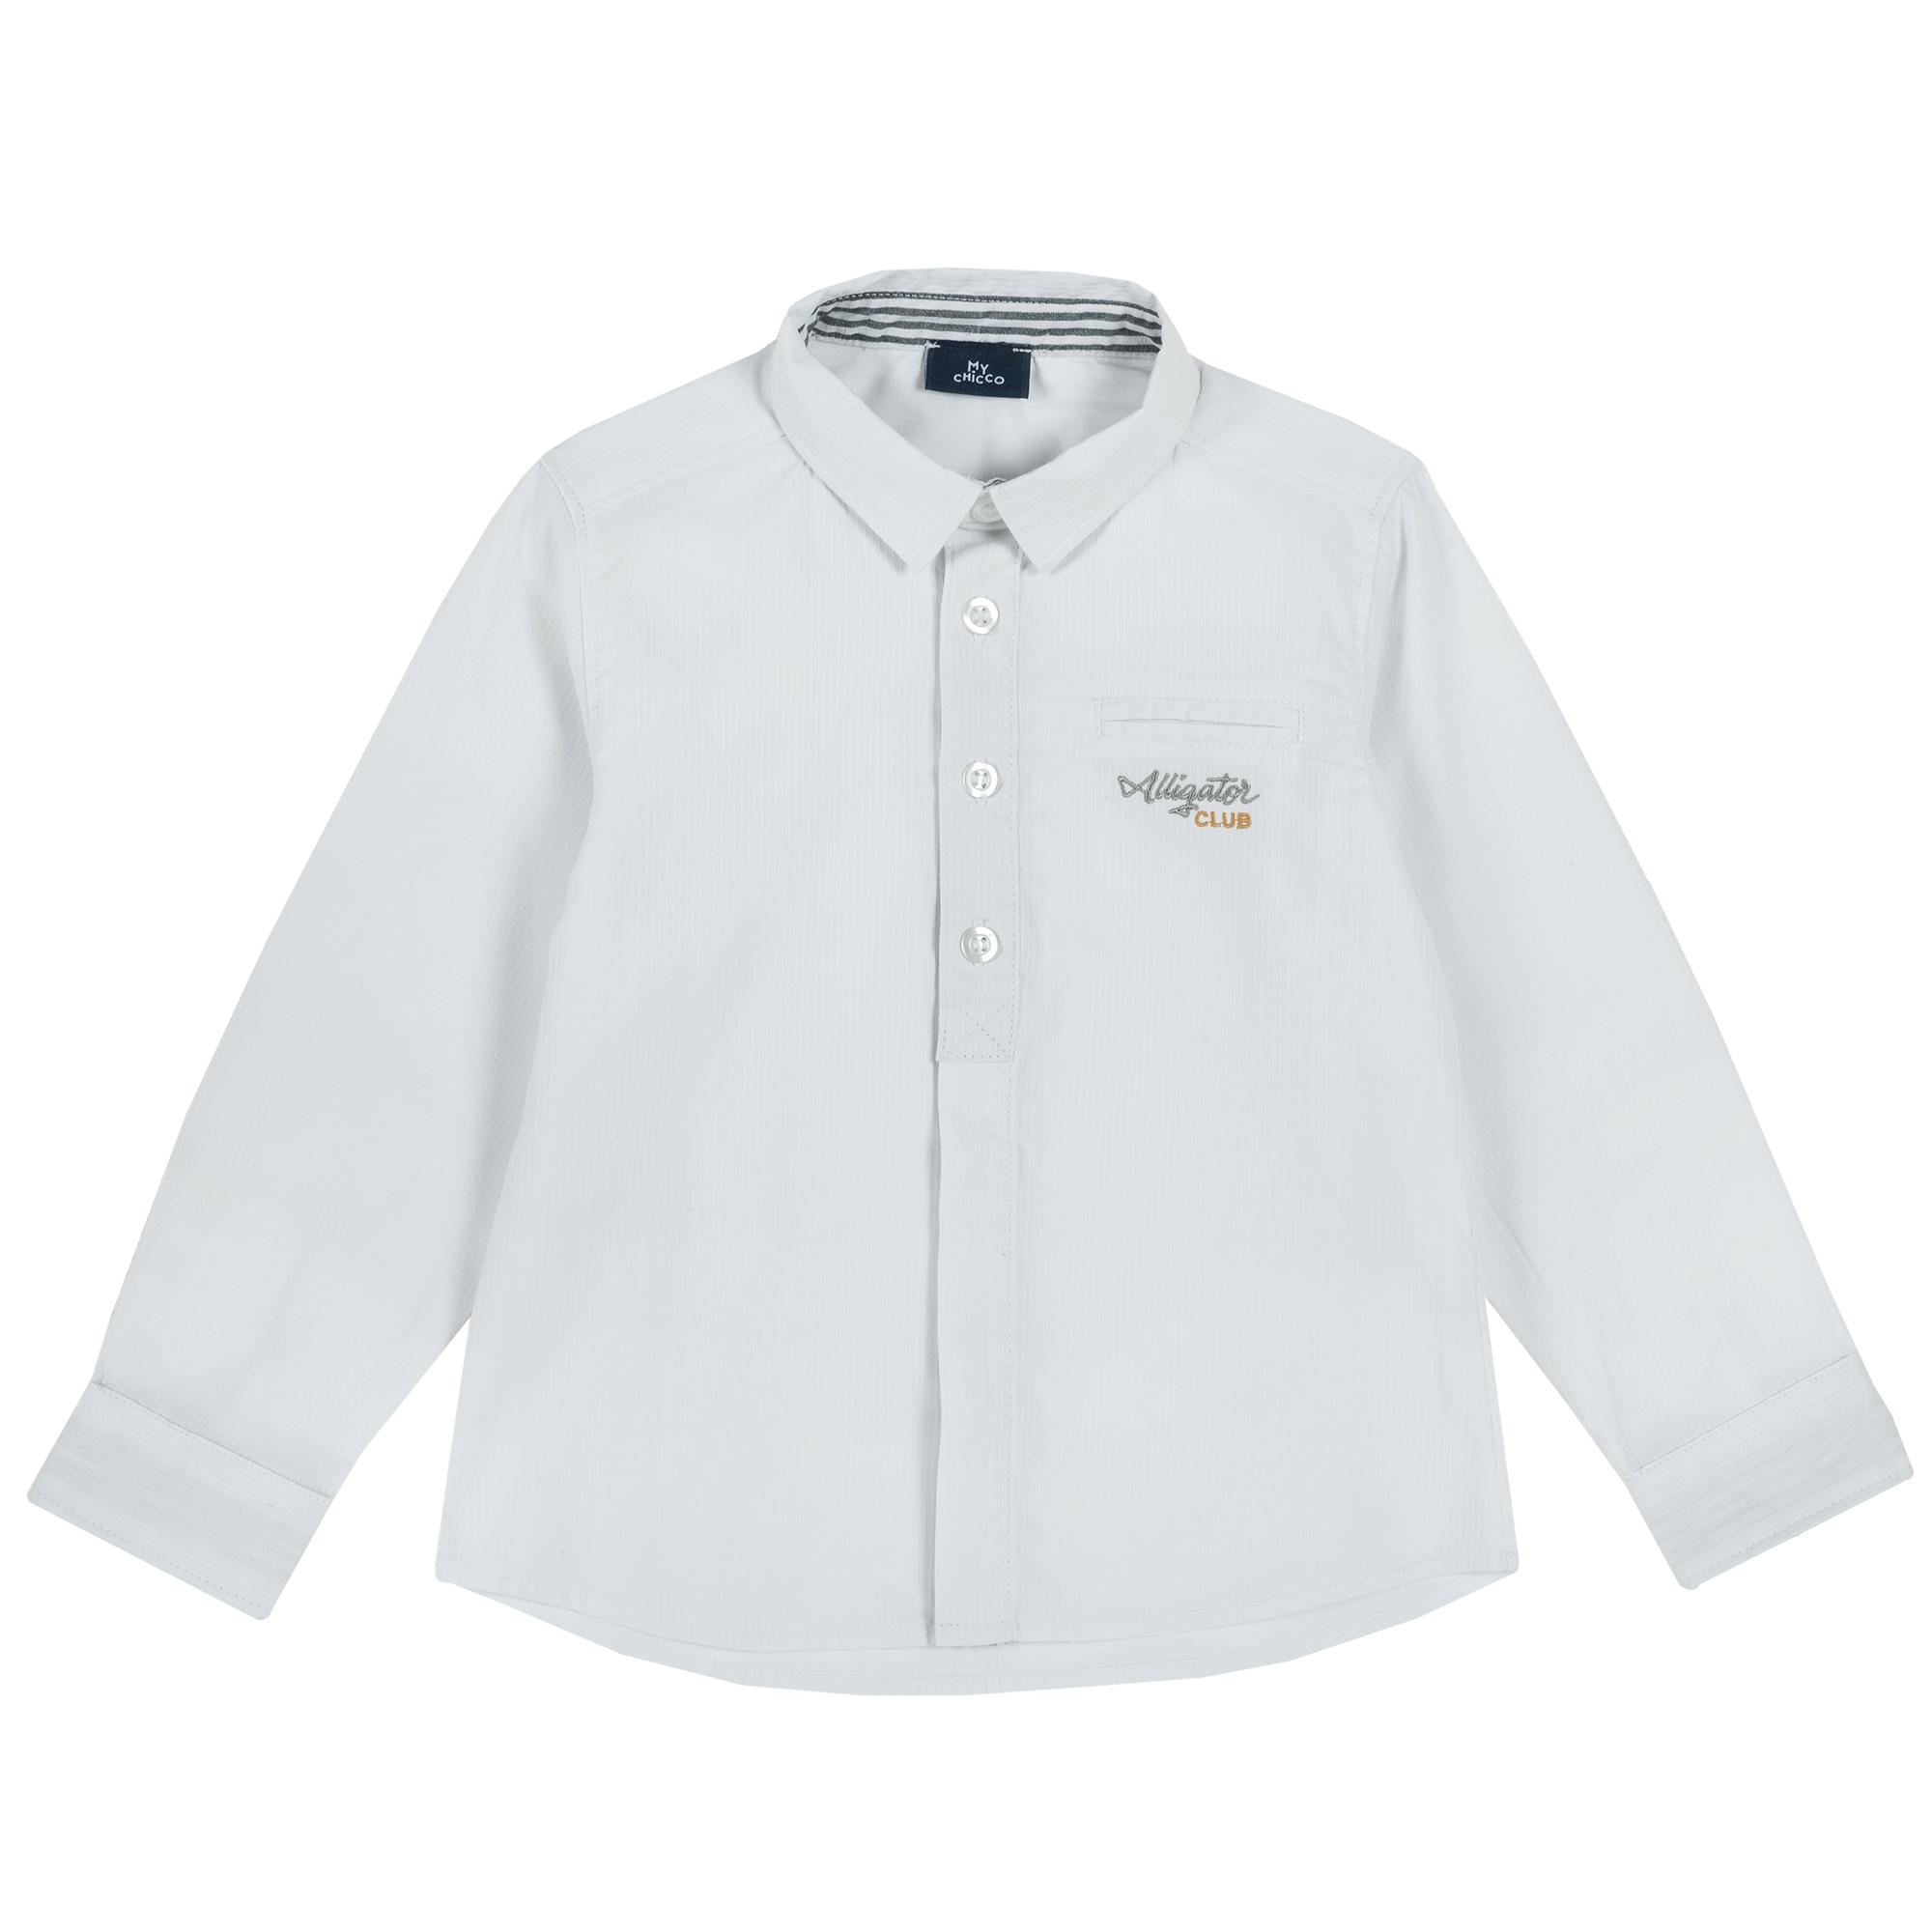 Camasa copii Chicco, maneca lunga, alb, 54458 din categoria Camasi copii